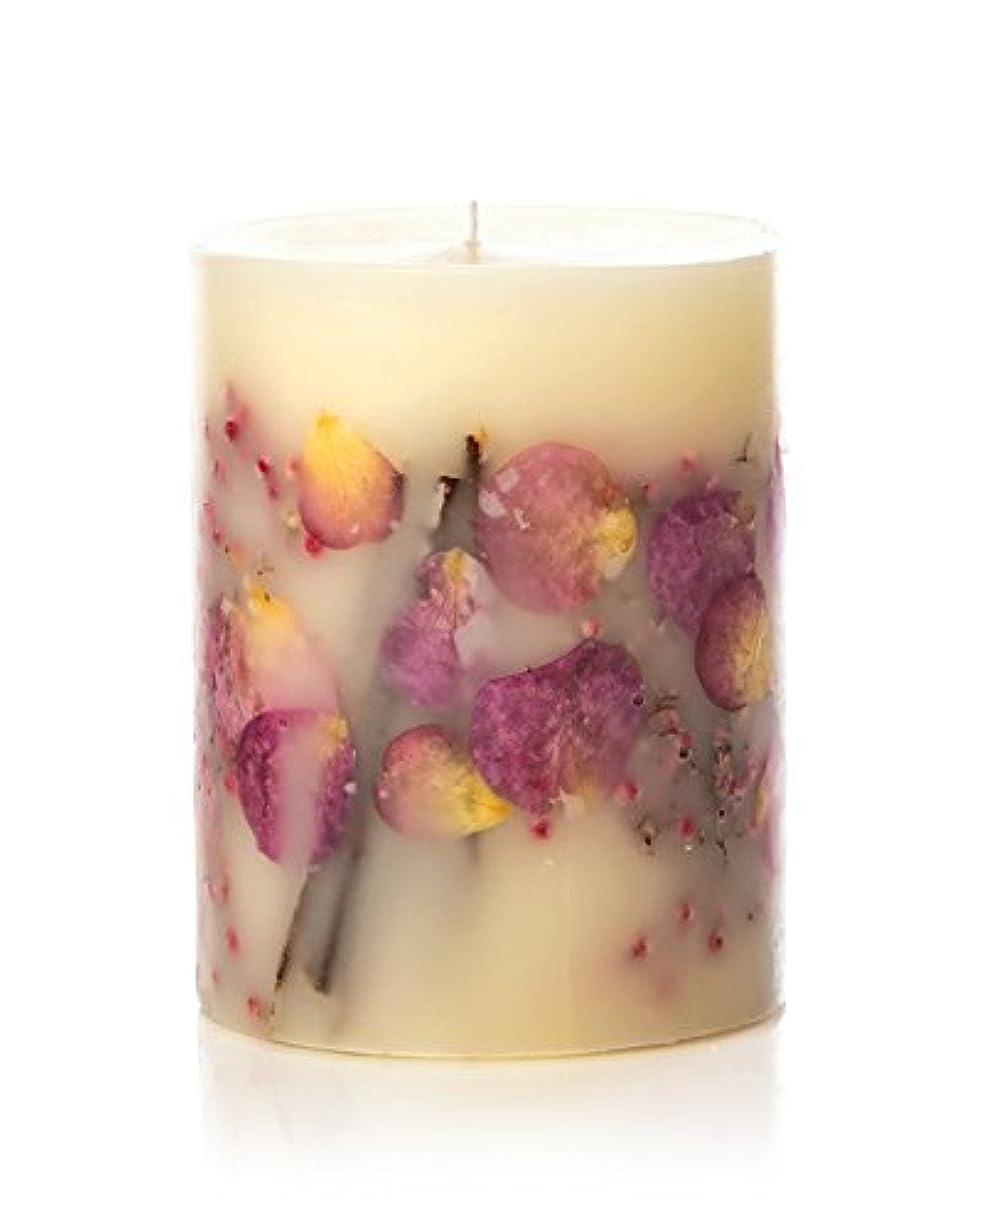 ストラップマグ警戒ロージーリングス ボタニカルキャンドル ビッグラウンド アプリコット&ローズ ROSY RINGS Round Botanical Candle Big Round – Apricot Rose